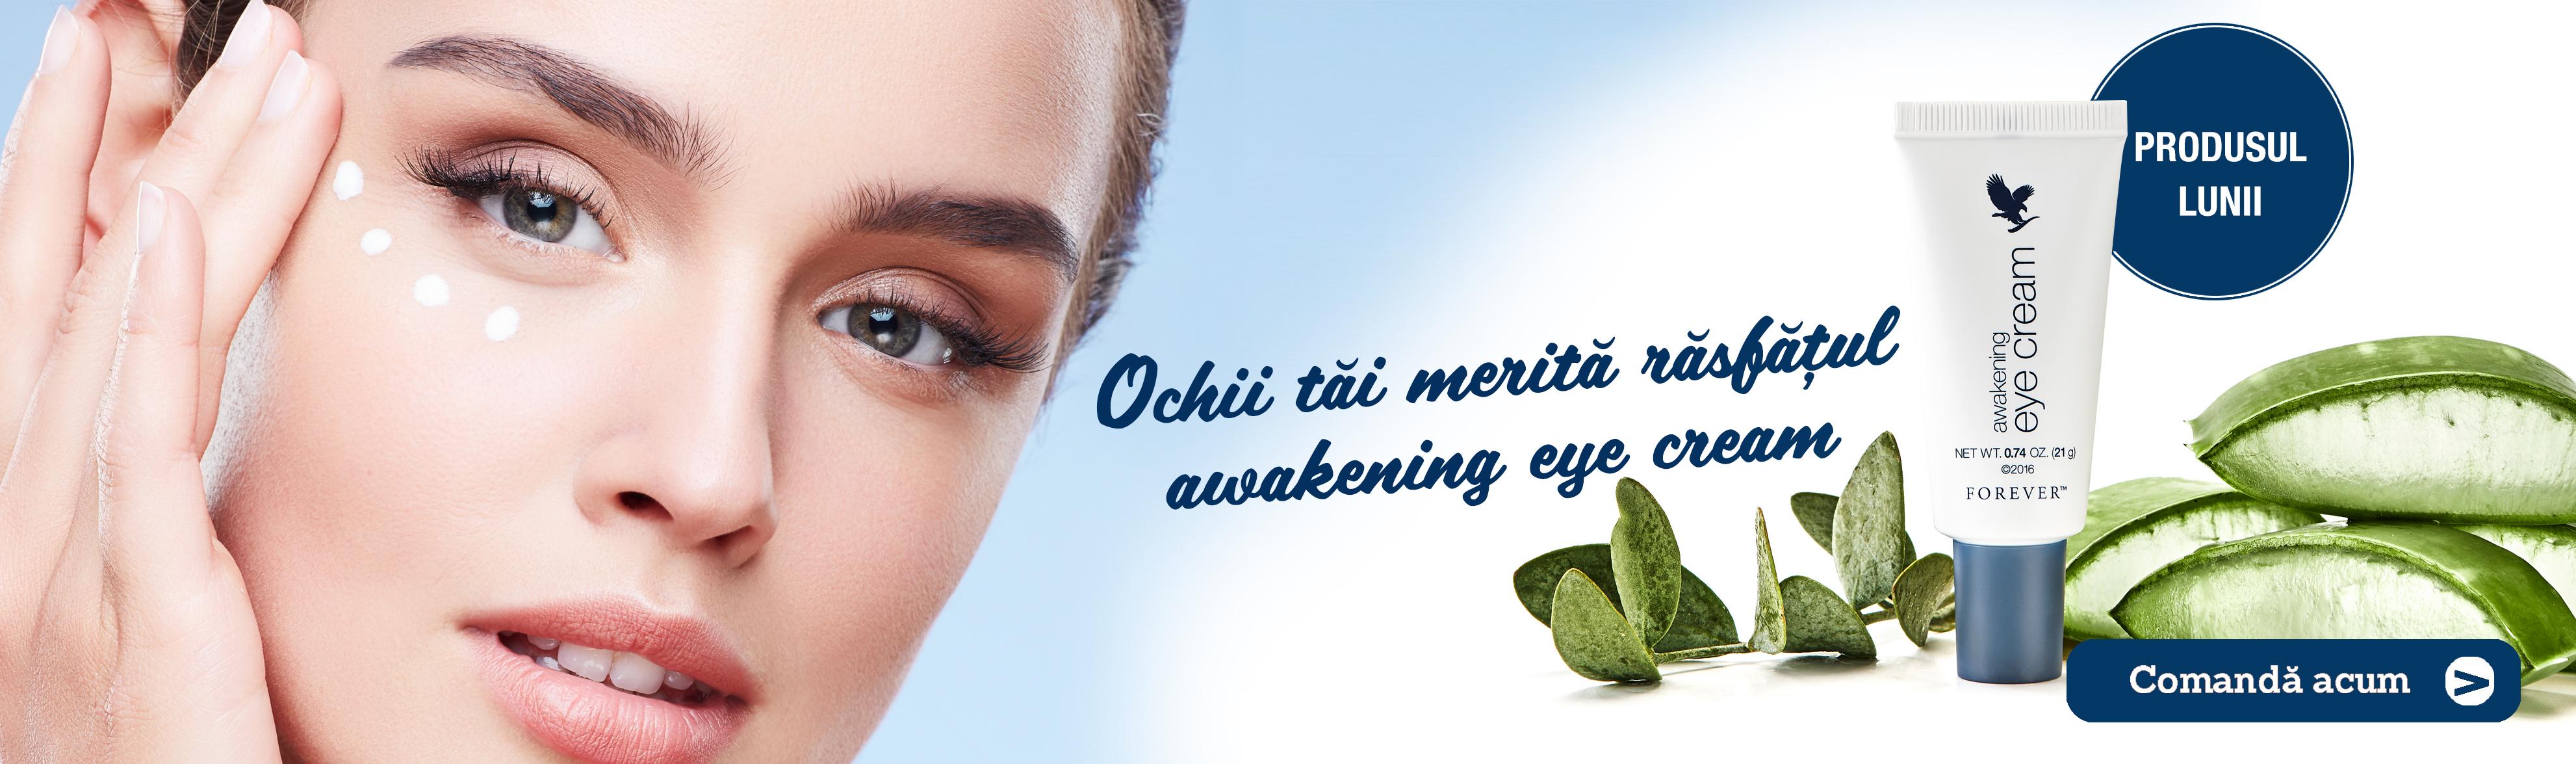 crema de ochi awakening eye creme